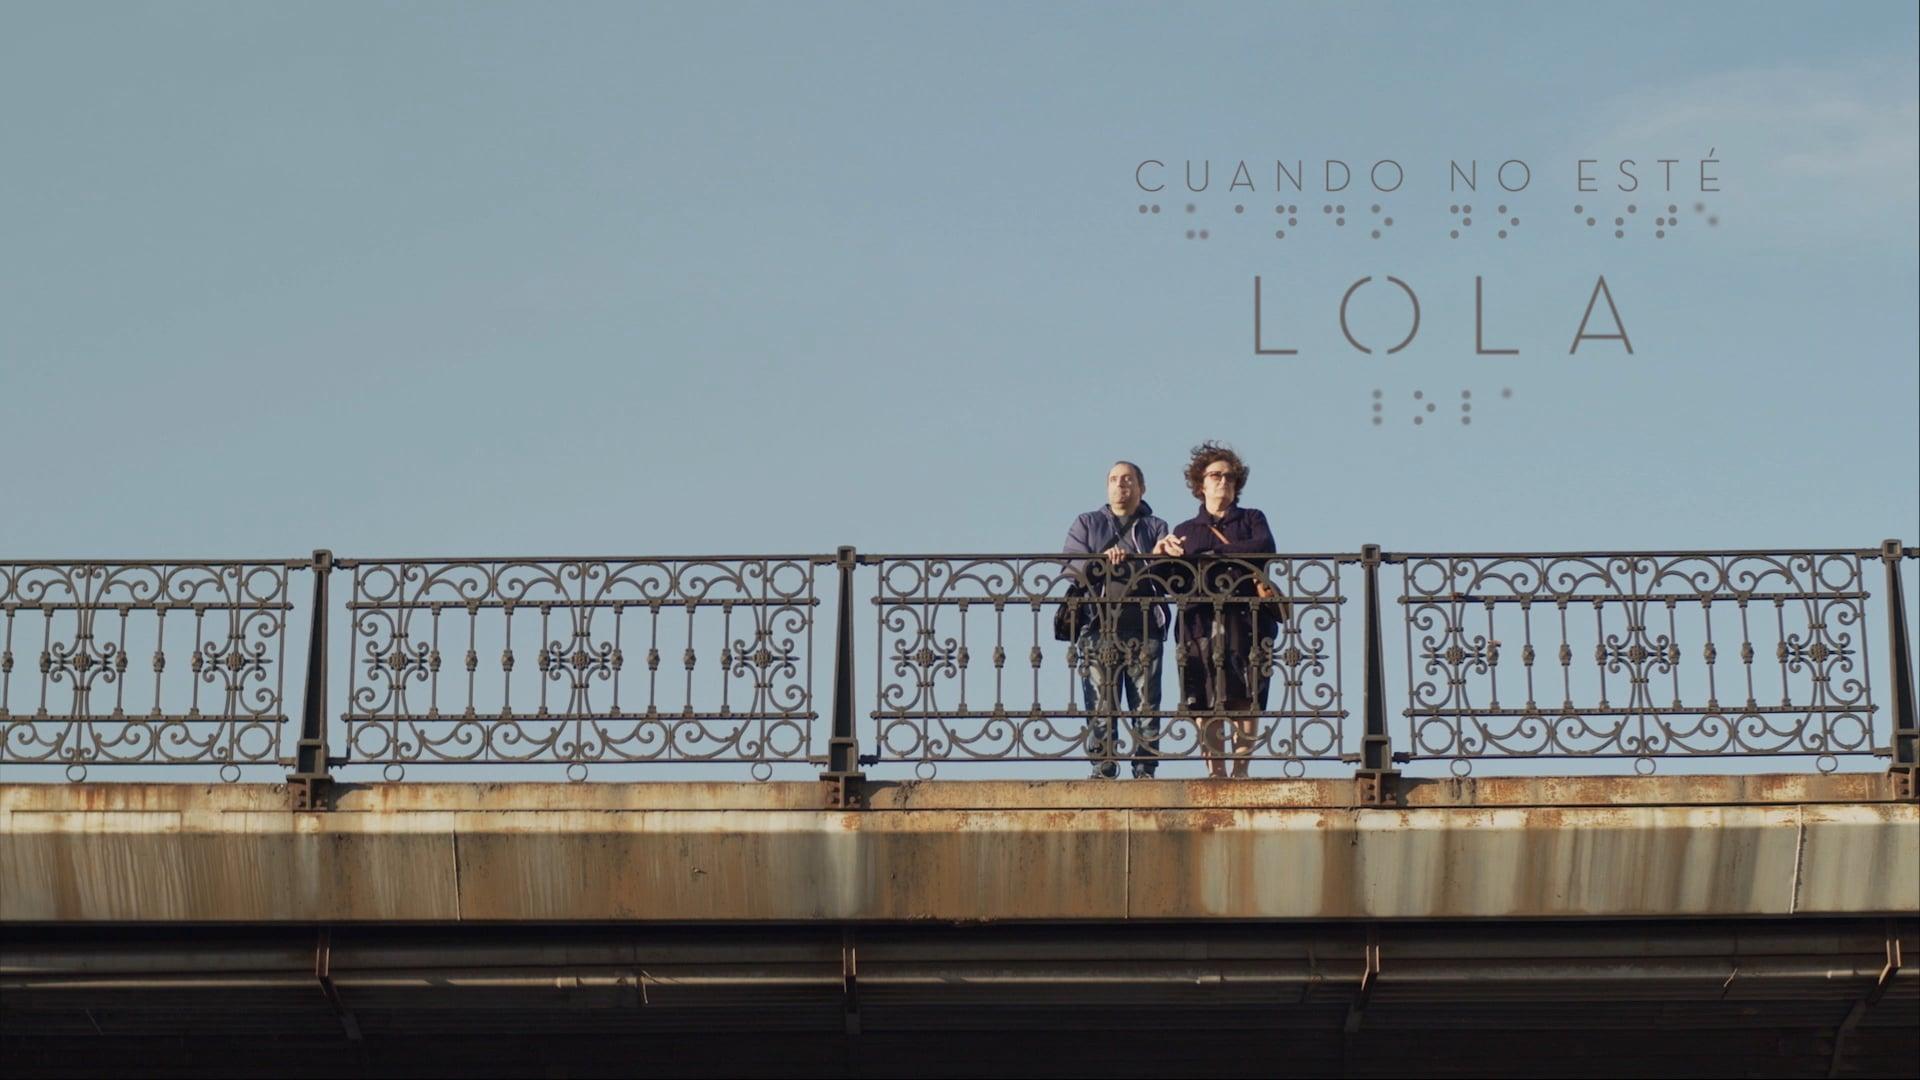 Cuando no esté Lola - Cortometraje [Trailer Oficial]